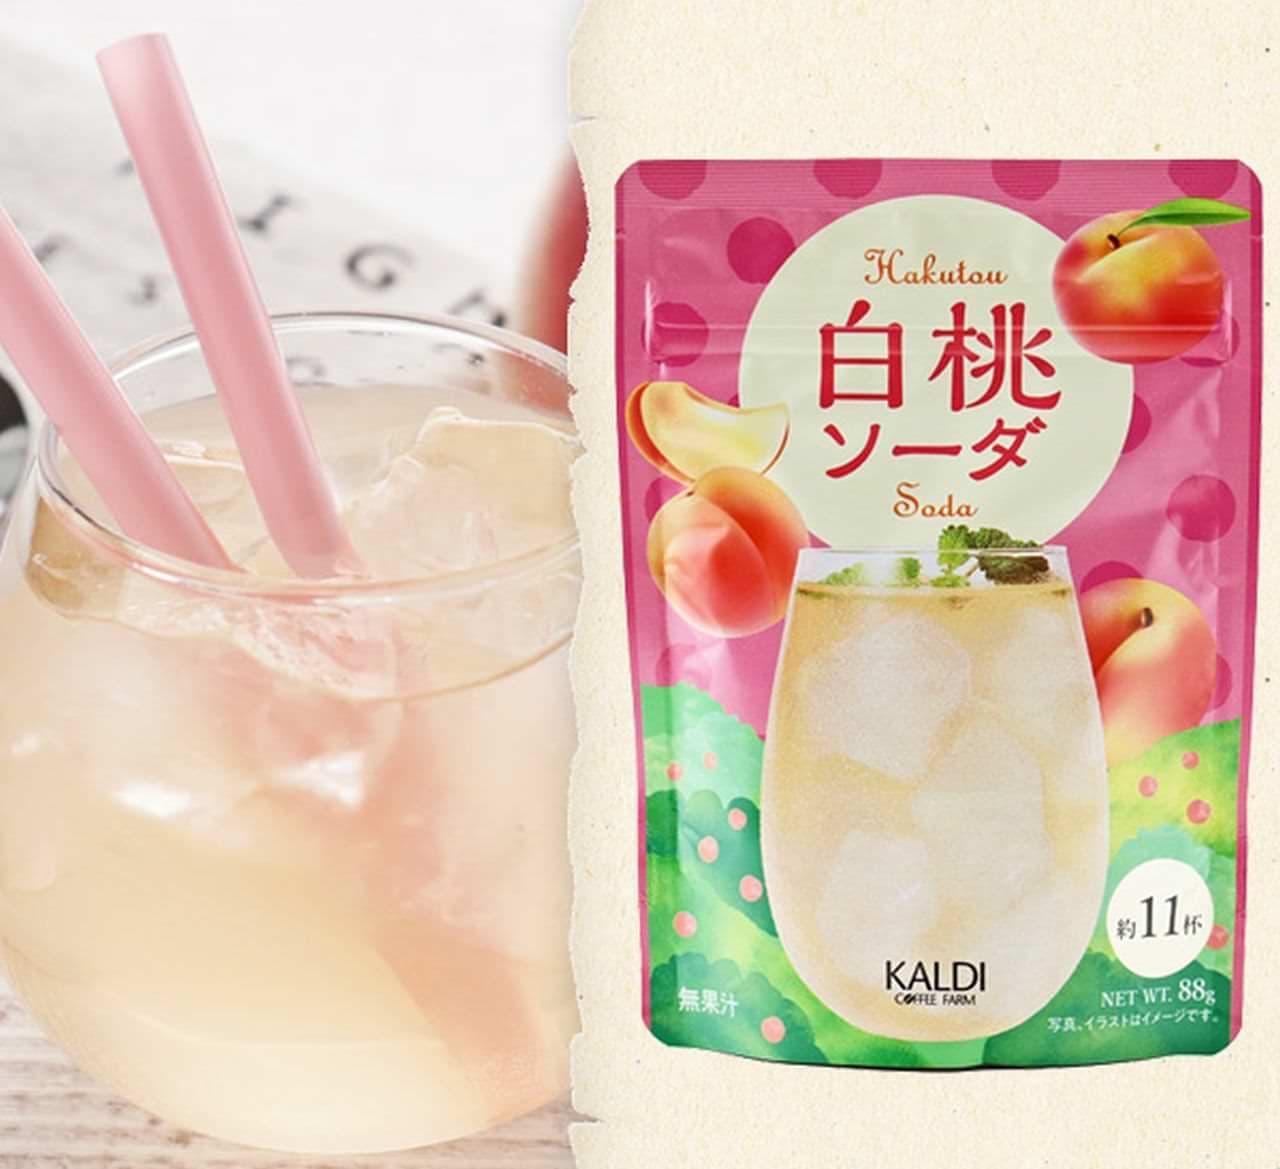 カルディ「オリジナル 白桃ソーダ」